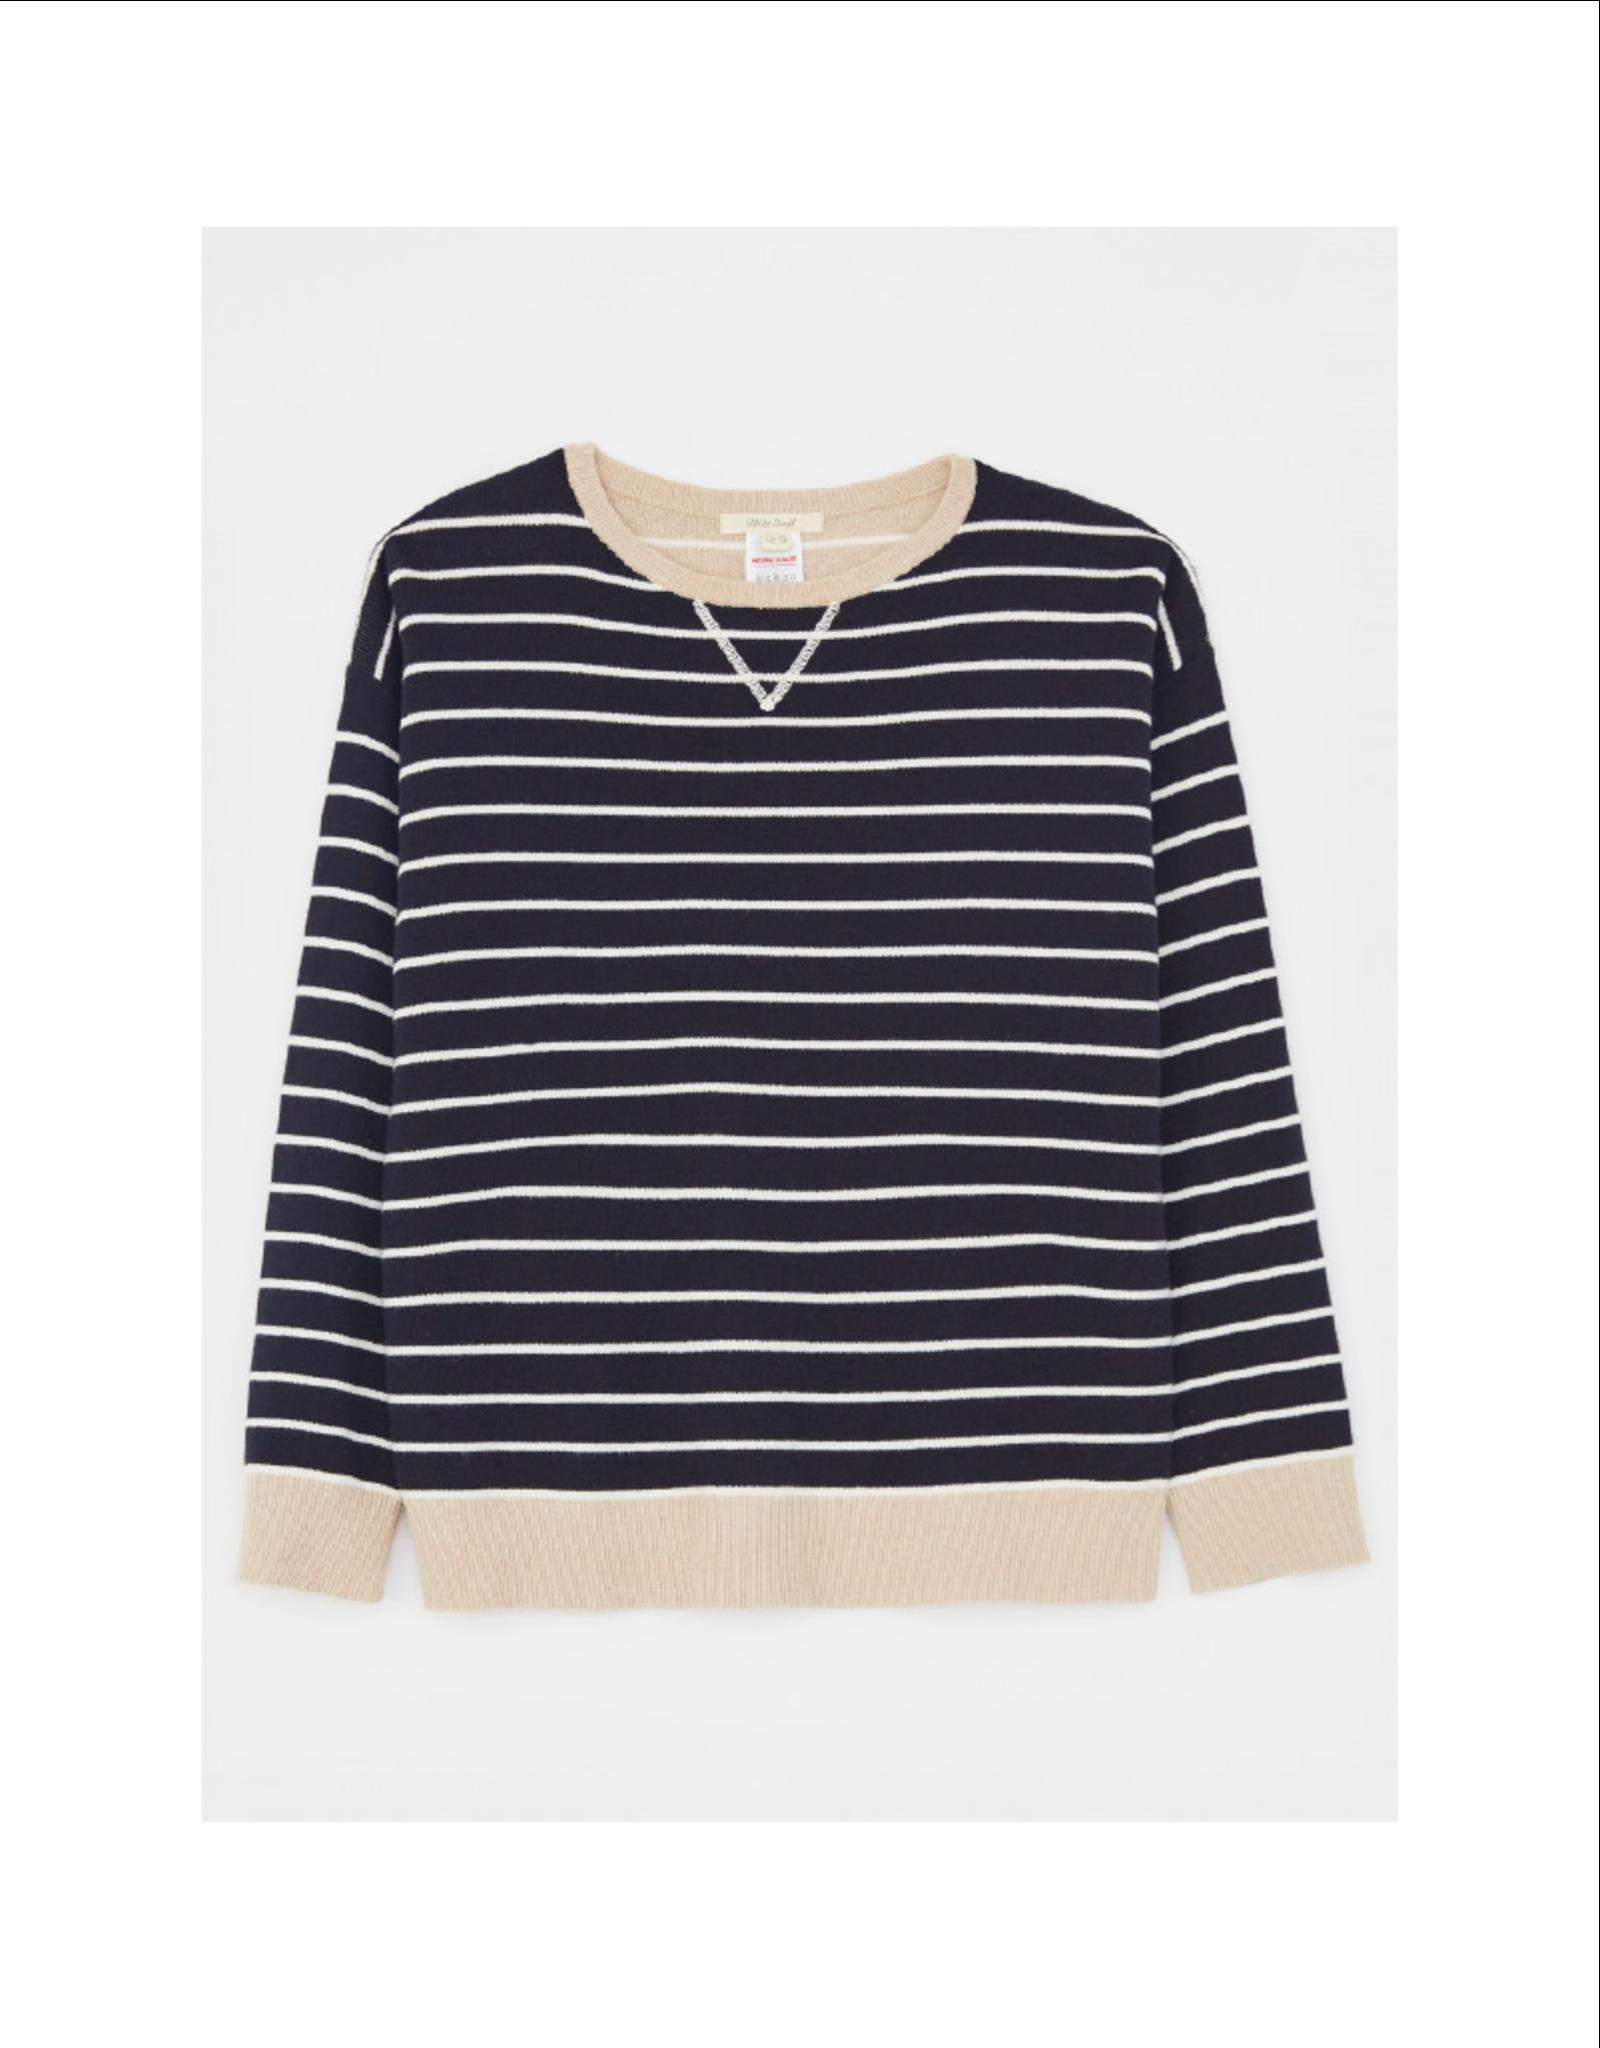 White Stuff Cotton/Cashmere Sweater